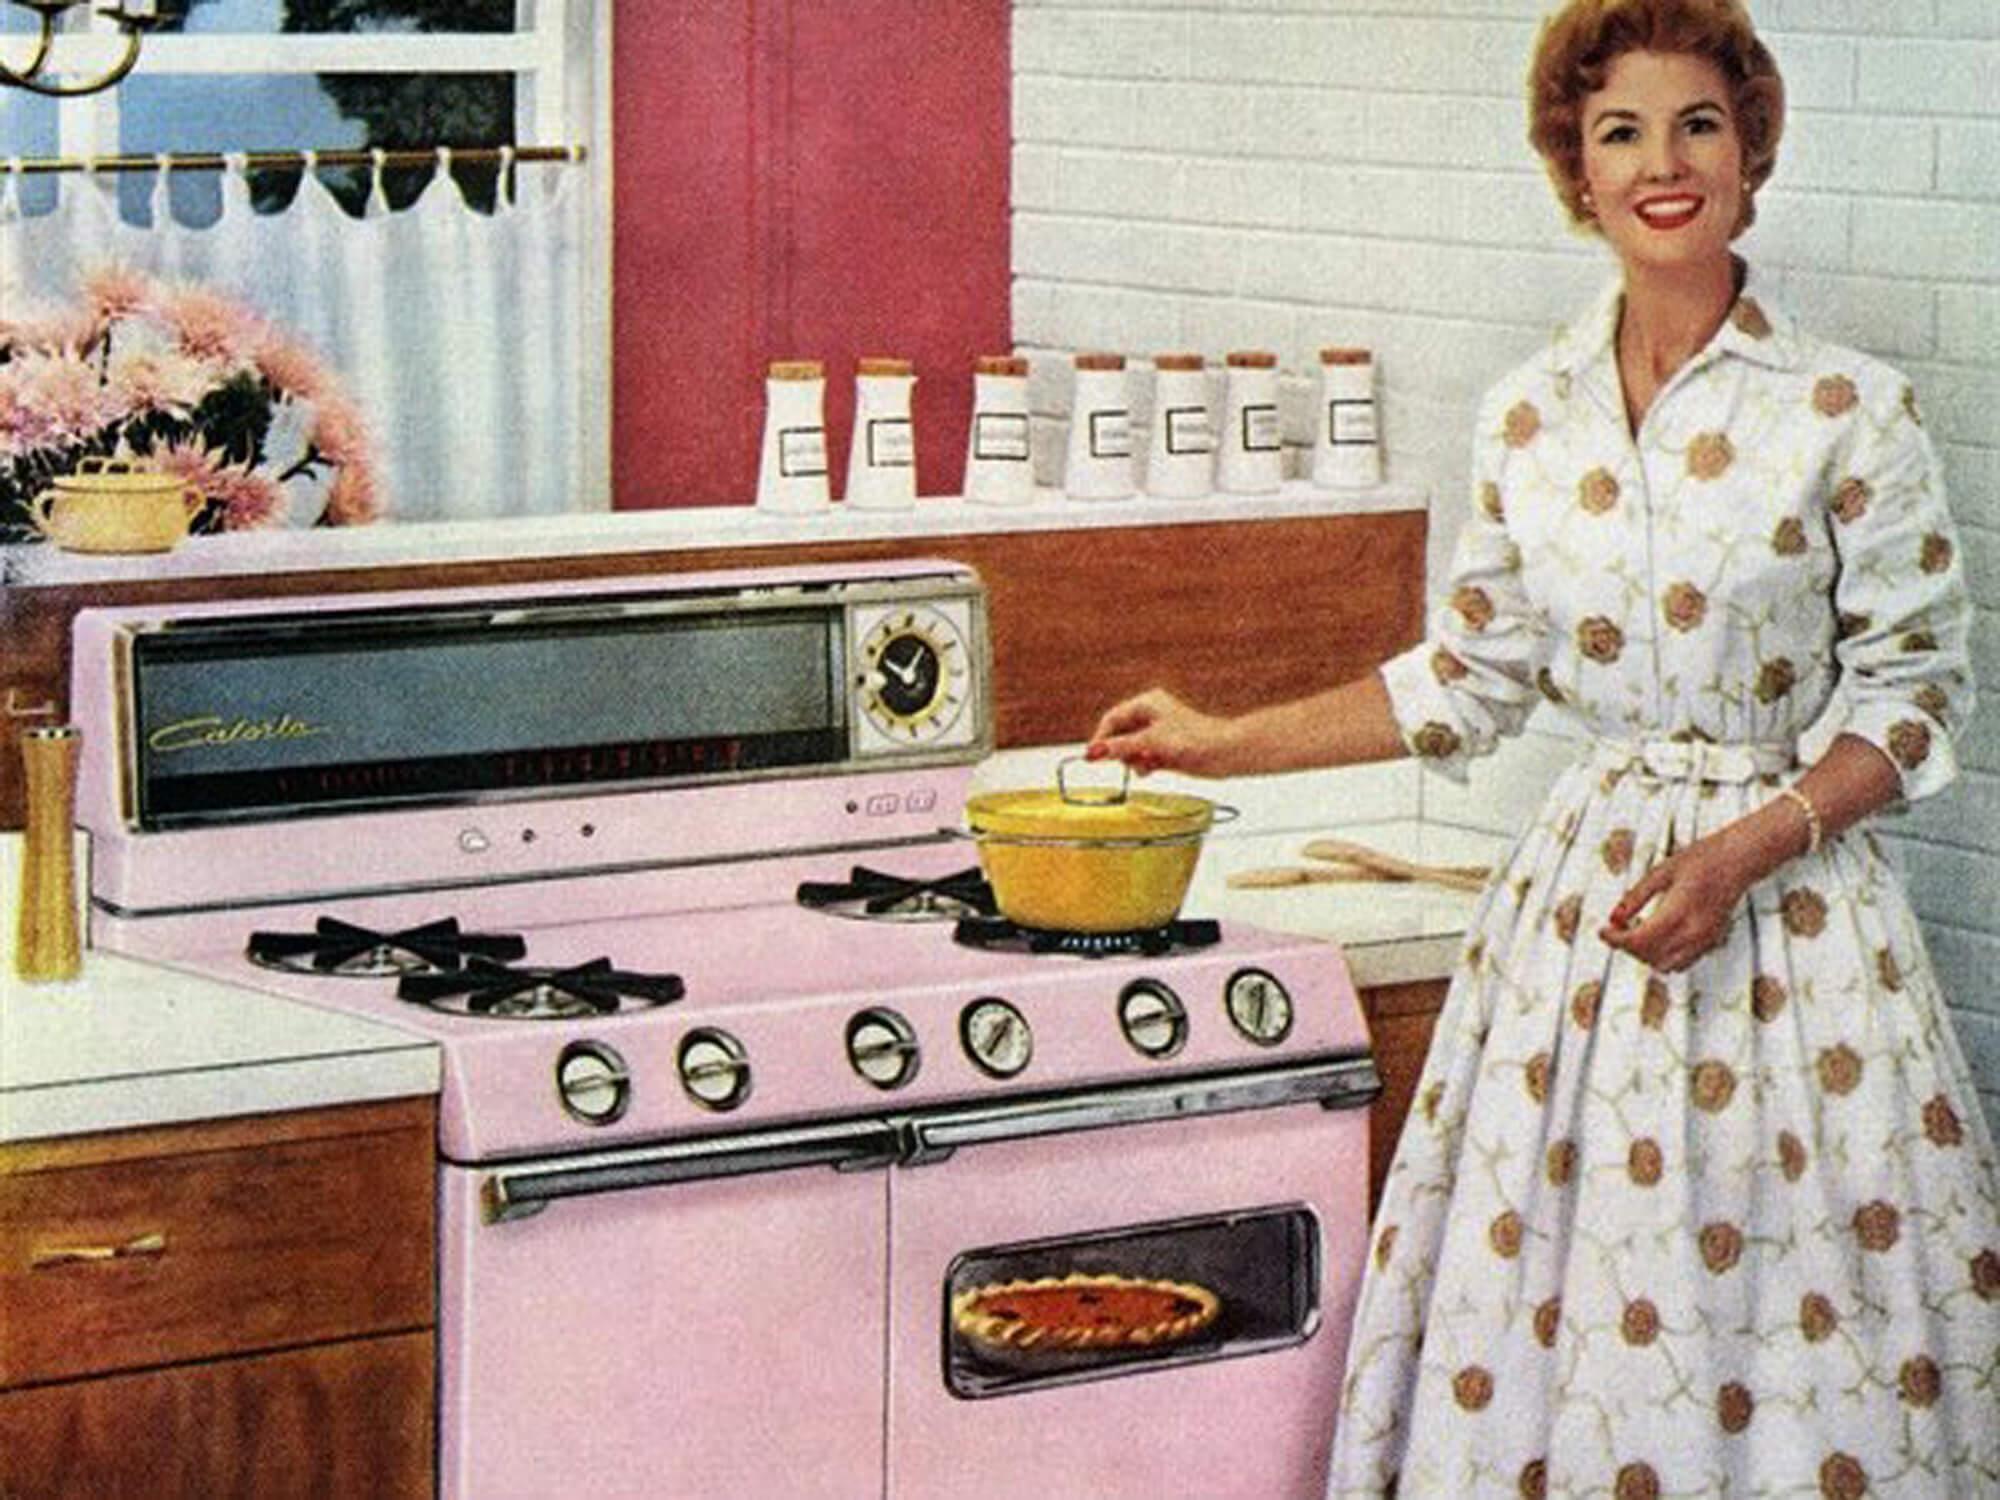 Cucina ultracorpi cucine d 39 italia - Cucine americane anni 50 ...